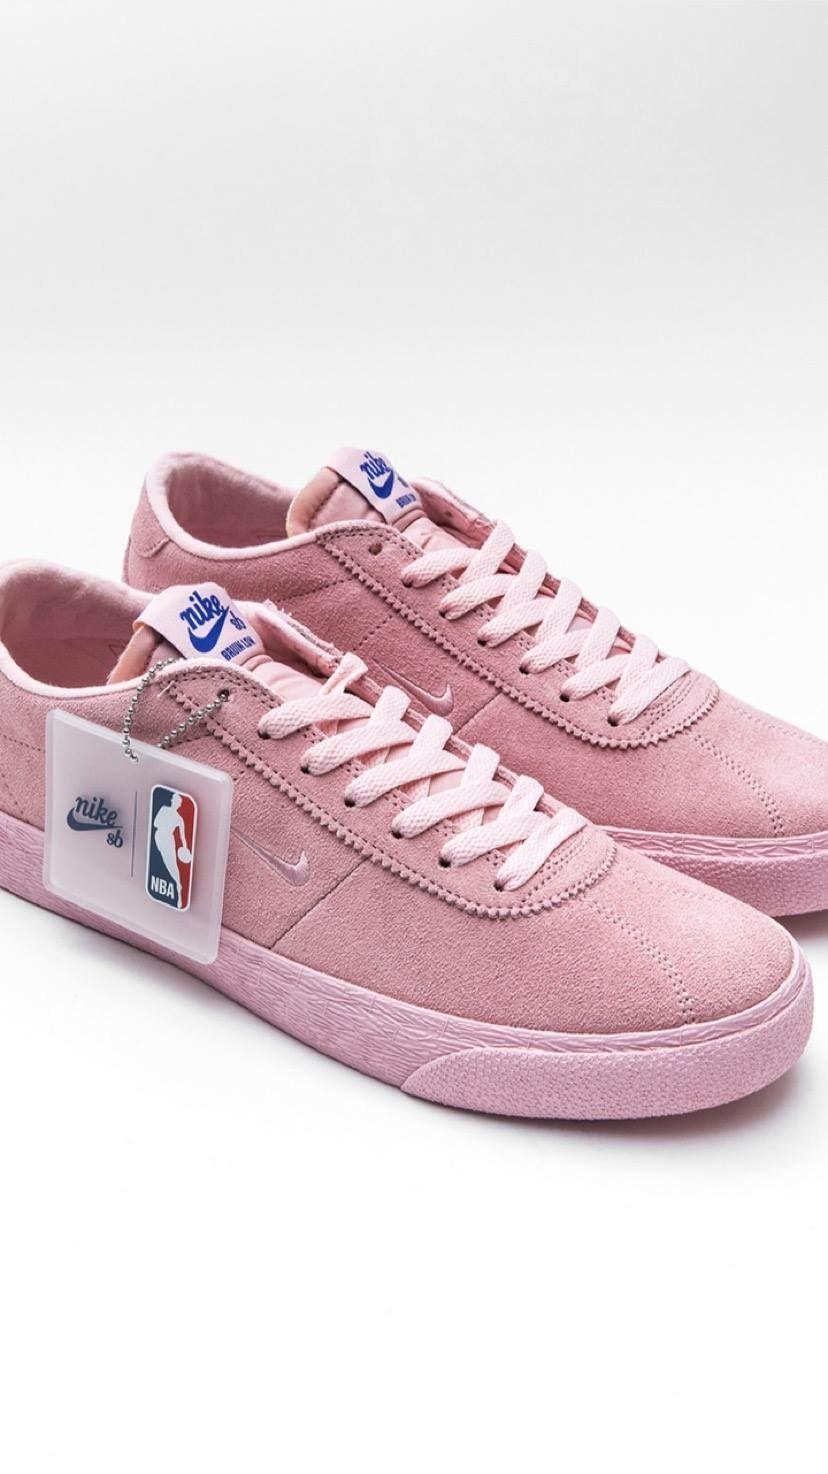 04798c2039da NBA x Nike SB Bruin